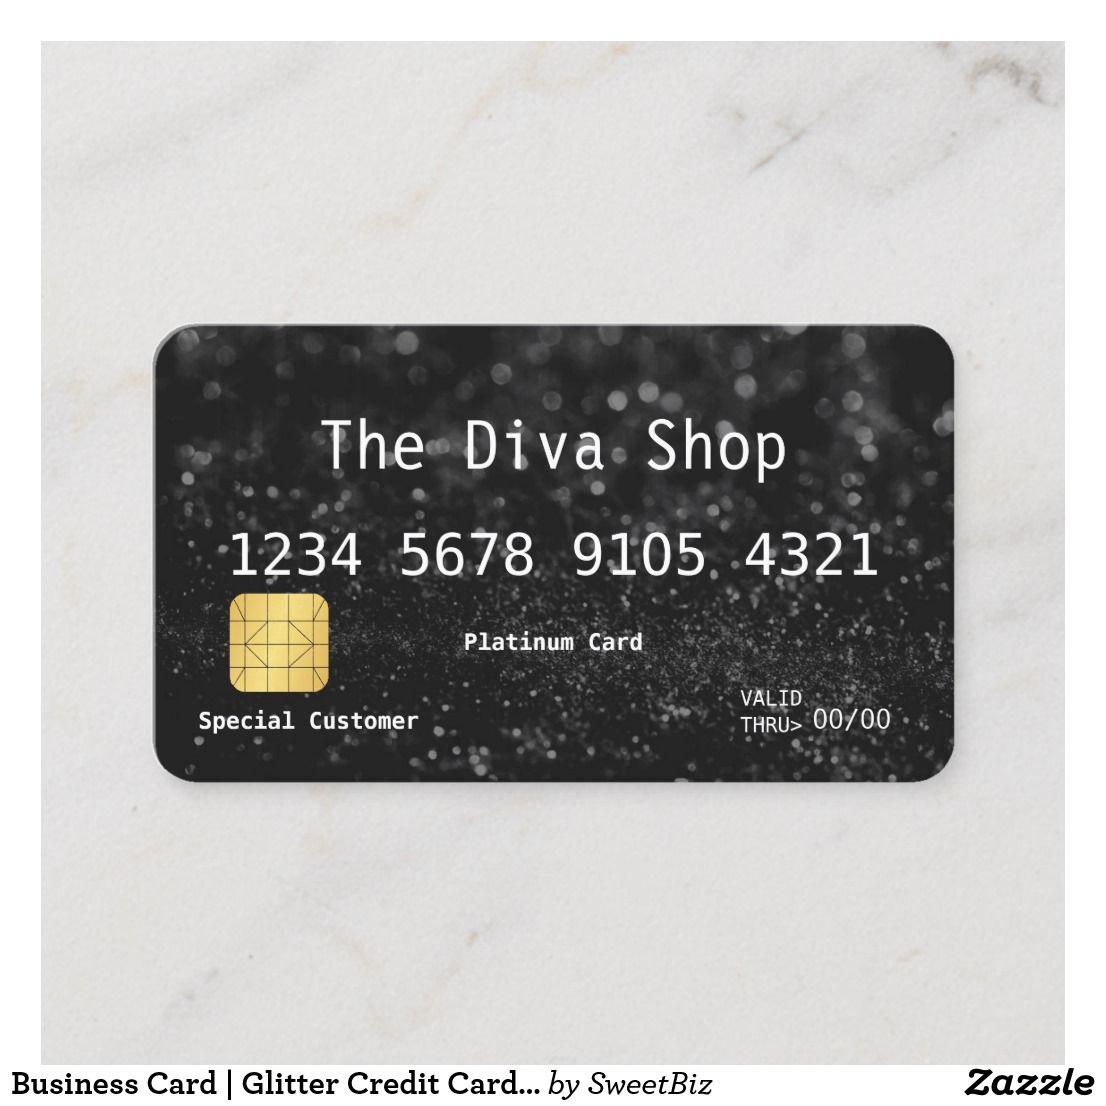 Business Card Glitter Credit Card Black Zazzle Com Business Credit Cards Cards Business Cards